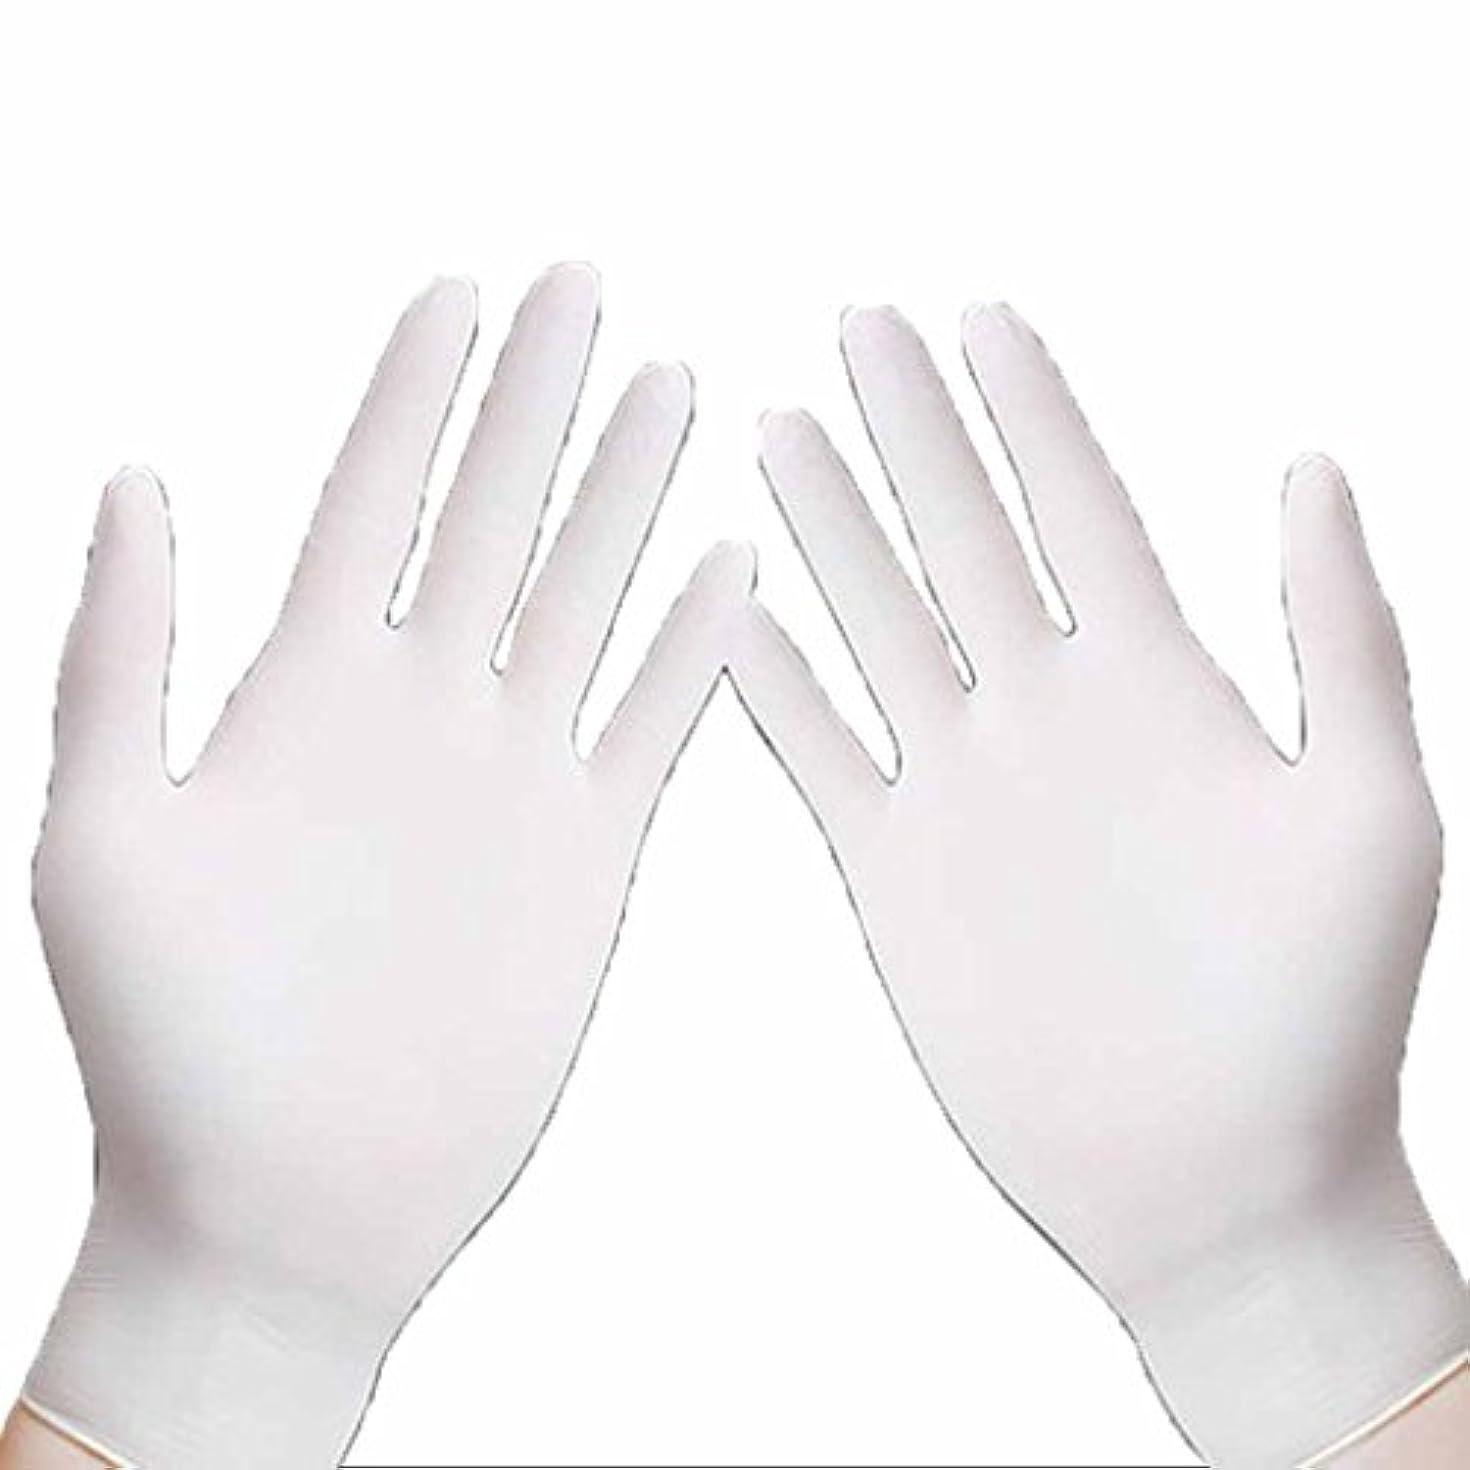 スチール前に常に使い捨て手袋 ホワイトニトリル防水通気性使い捨て手袋高弾性抗公害緑の手袋 (Size : XL)